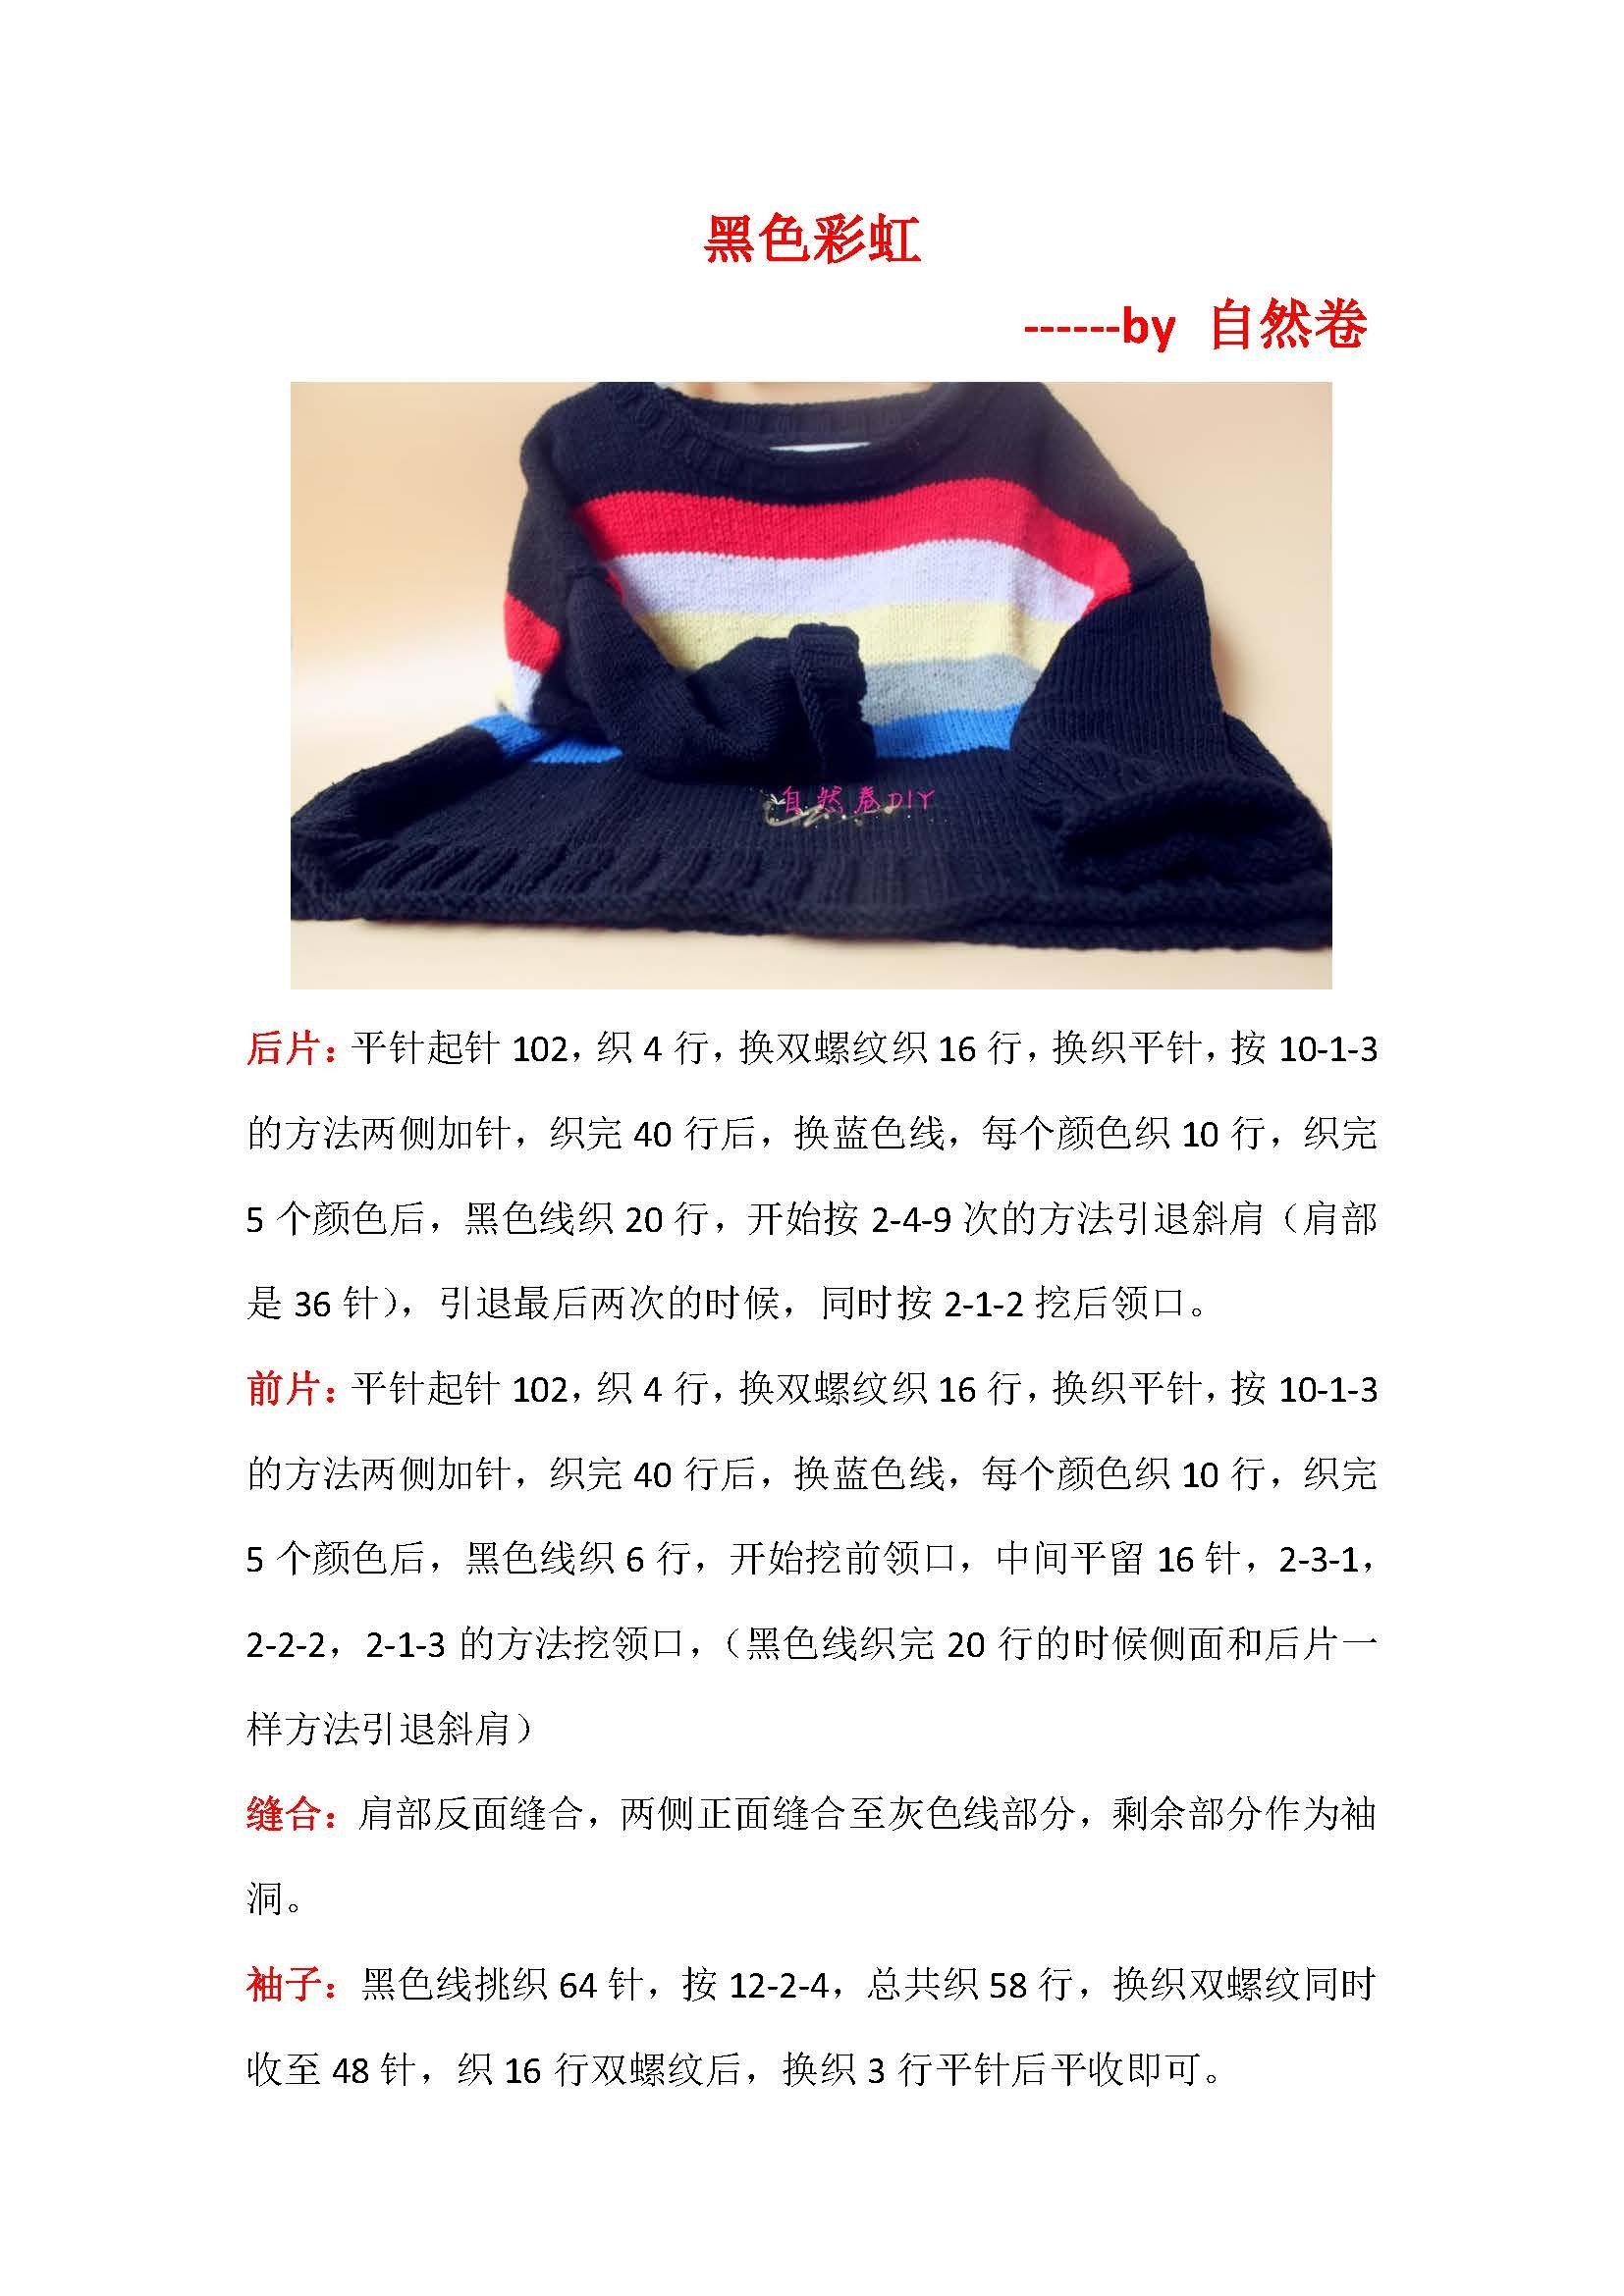 黑色彩虹.jpg